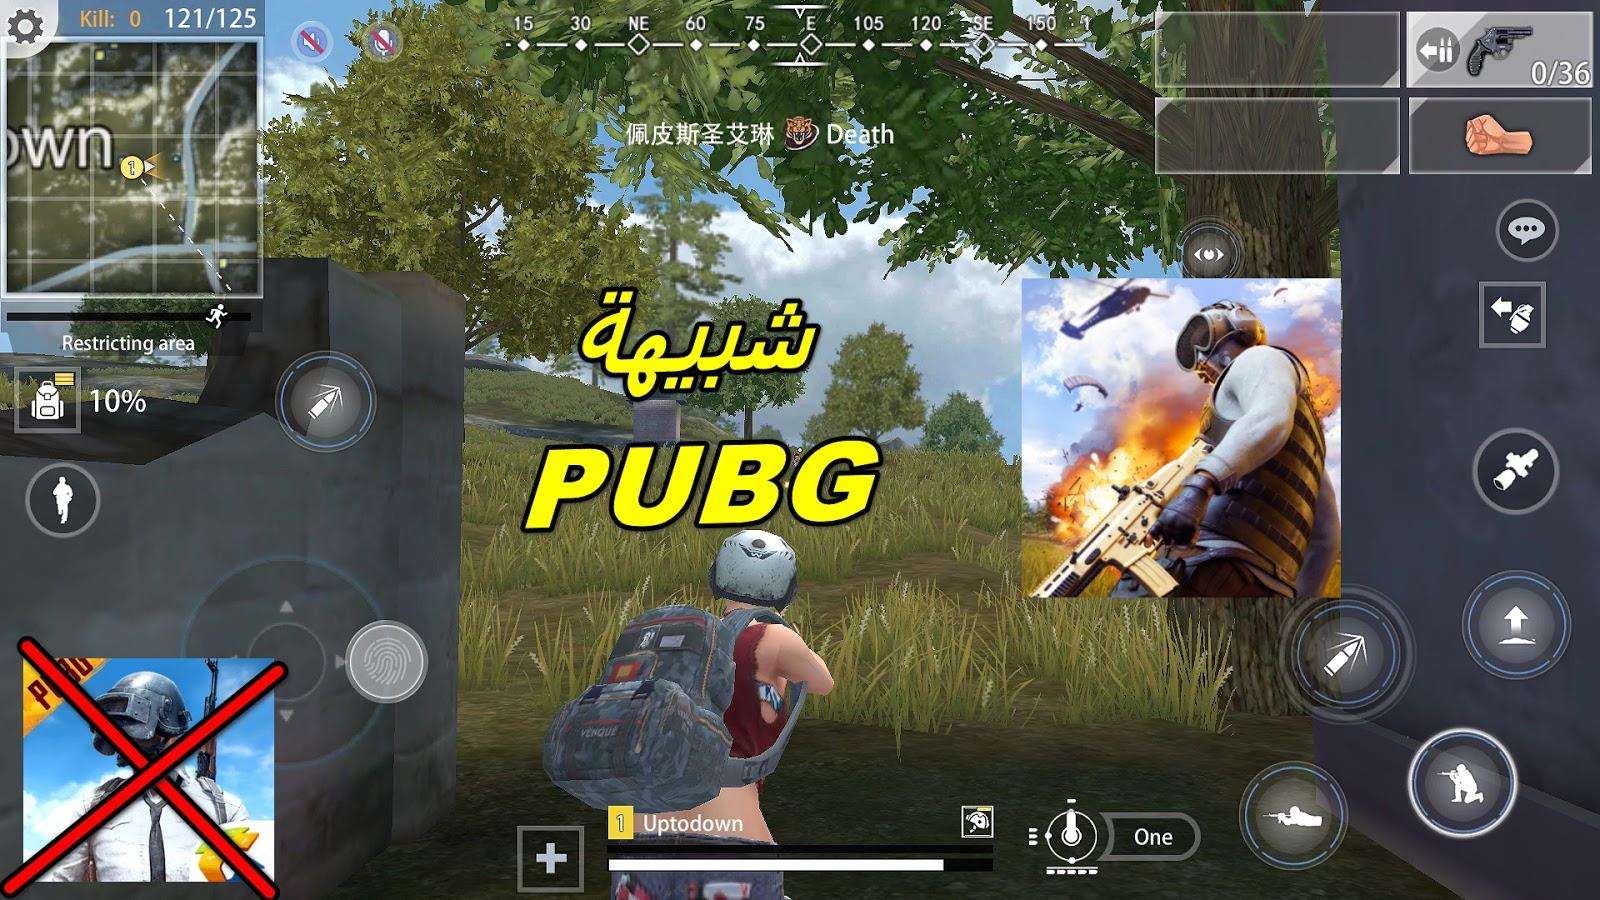 افضل لعبة تشبه ببجي للاجهزة الضعيفة رام 1جيجا 2019 احمد انفو